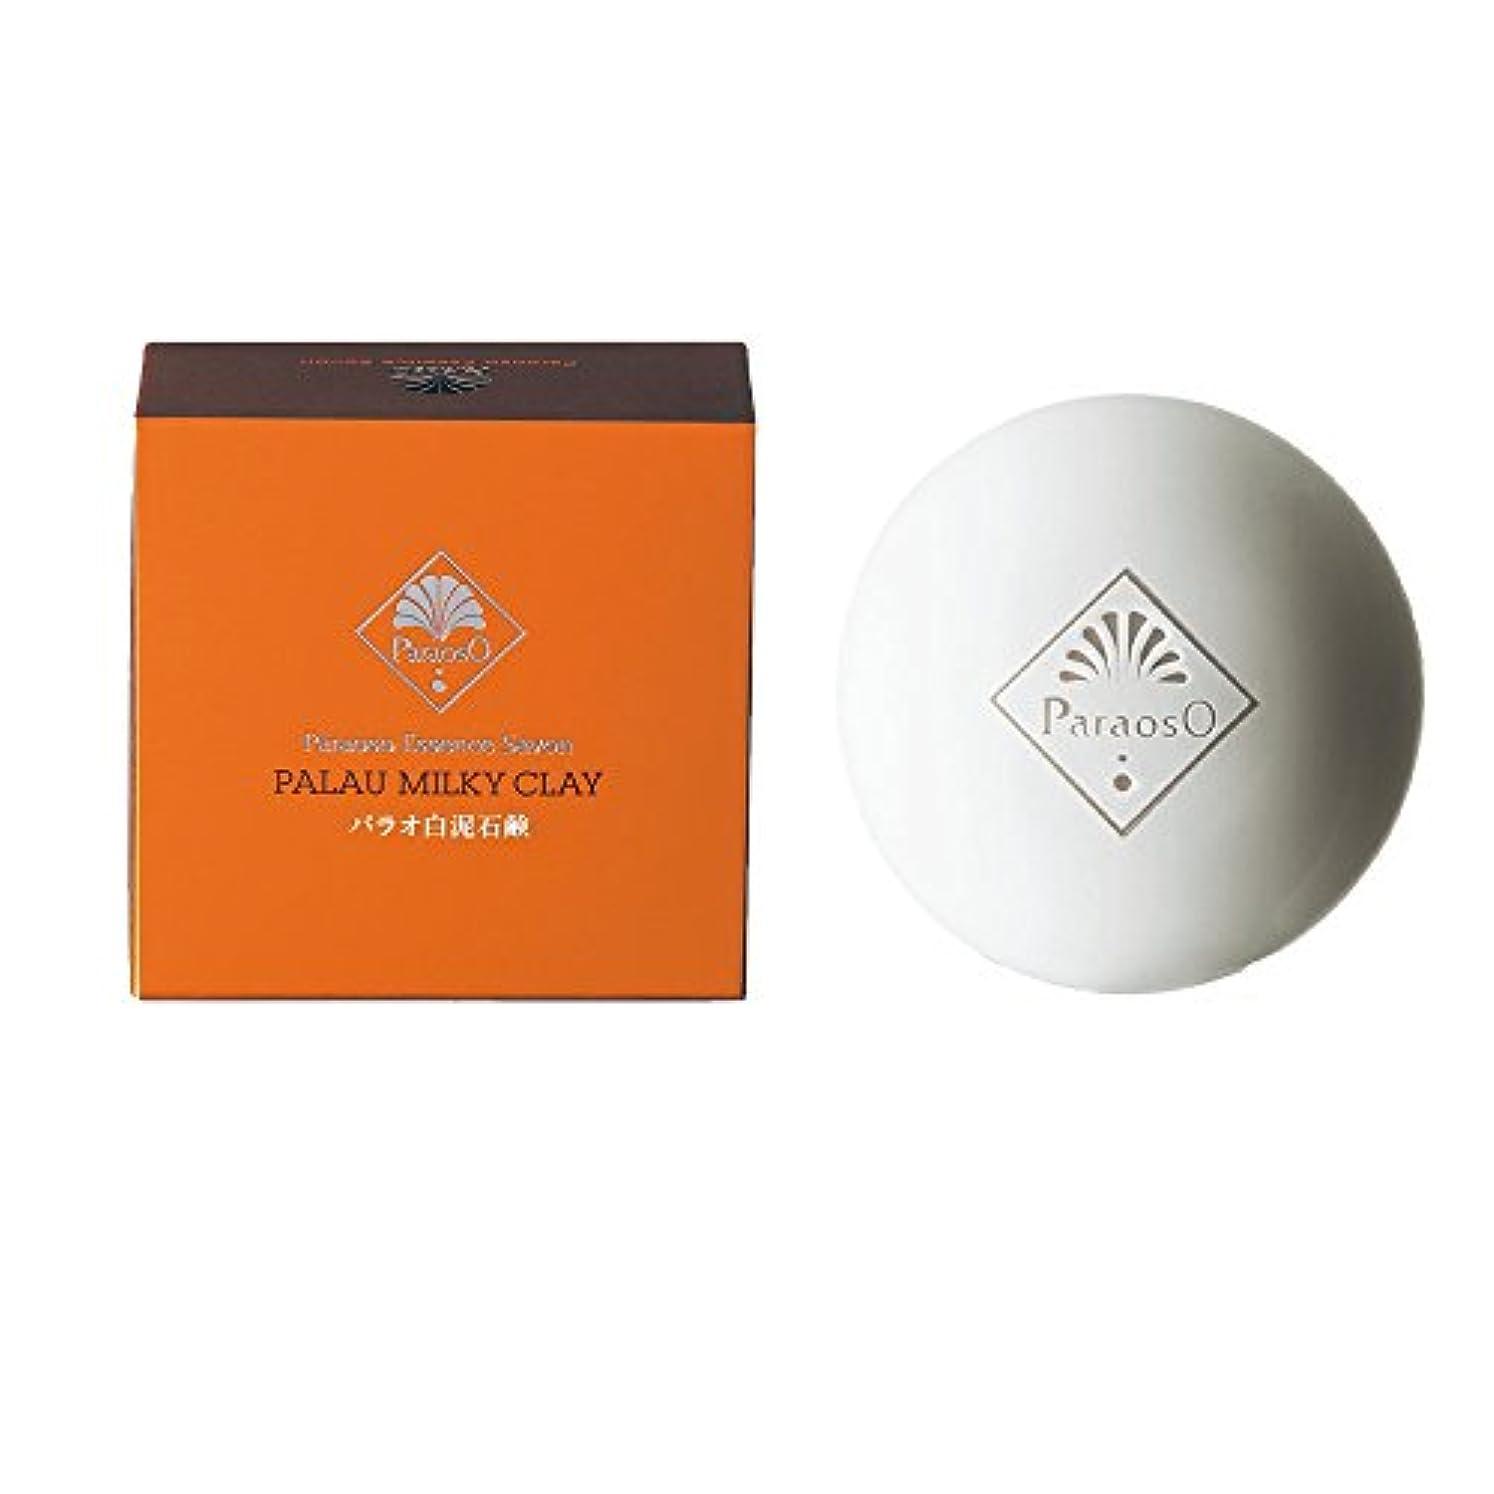 固体ファンタジー銛パラオソエッセンスサボン 1個 +洗顔ネット